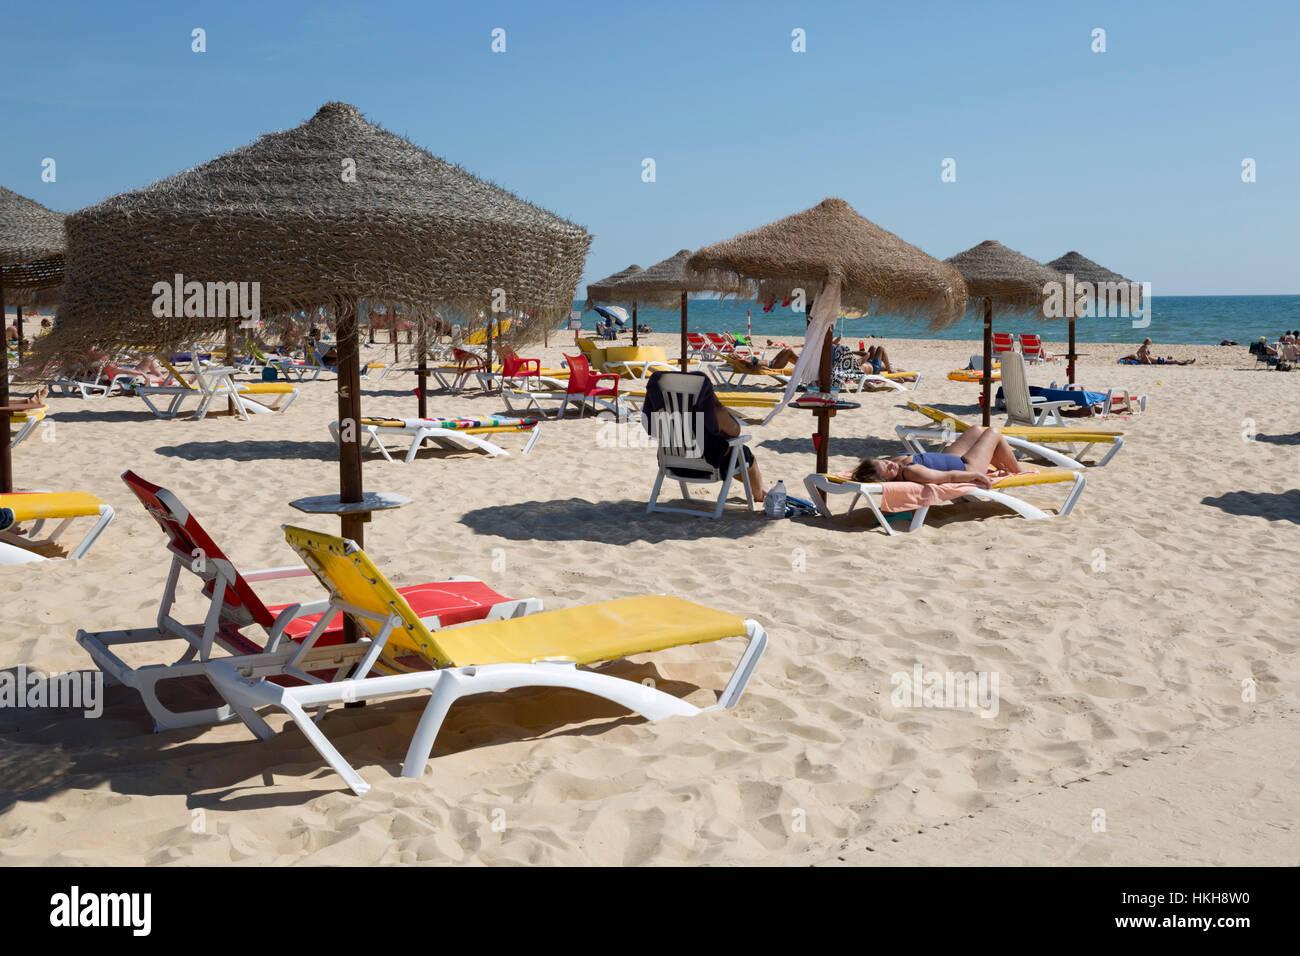 Sonne sand, Liegestühle und Sonnenschirme am weißen Strand, Monte Gordo, Algarve, Portugal, Europa Stockbild